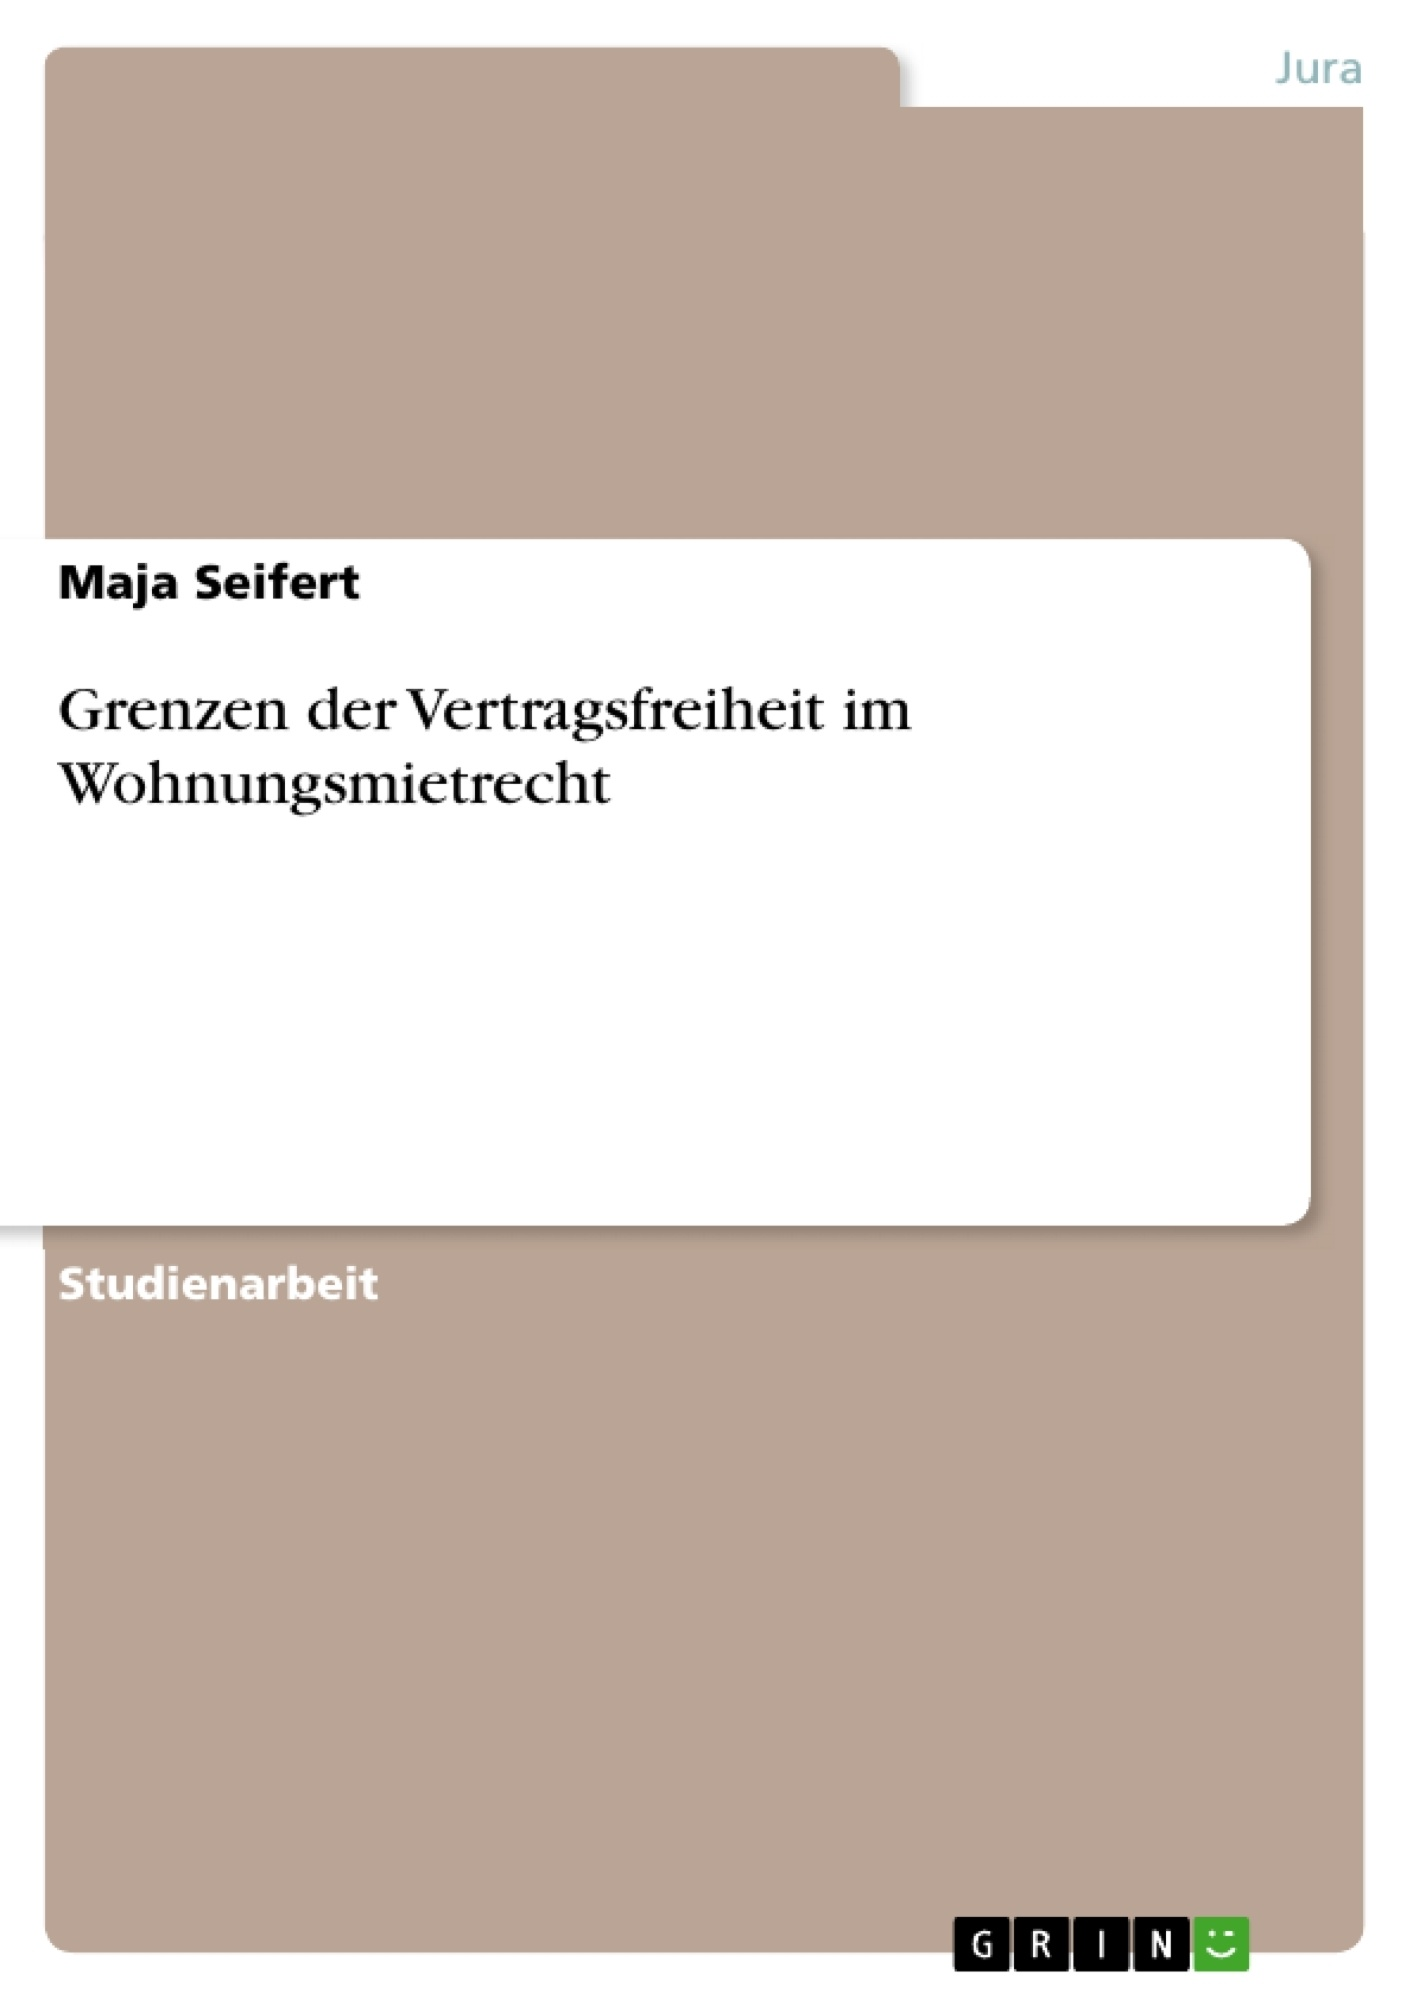 Titel: Grenzen der Vertragsfreiheit im Wohnungsmietrecht